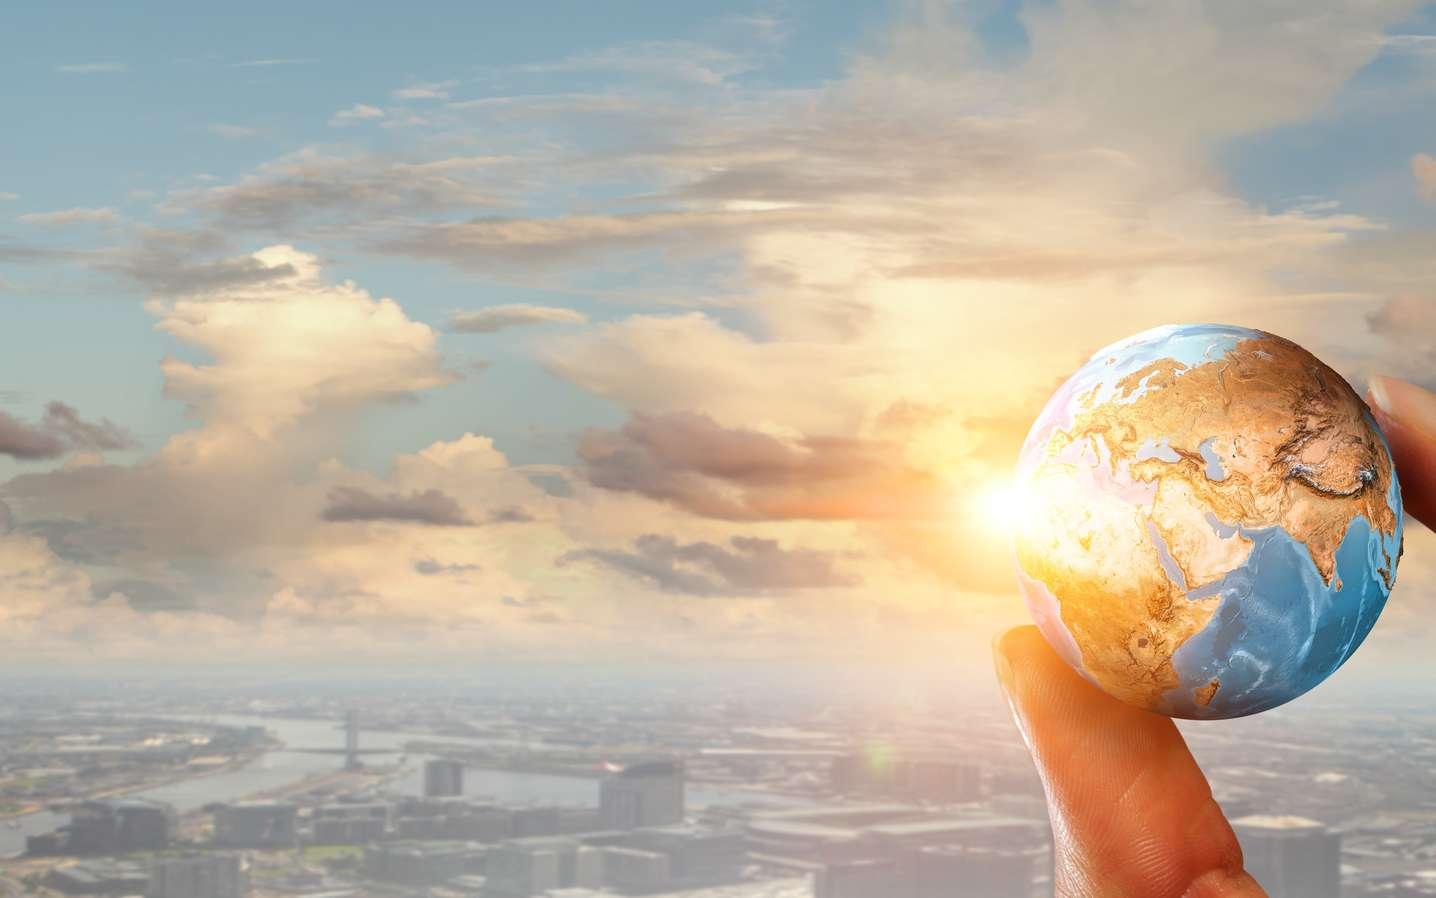 Le One Planet Summit est un mini-sommet pour le climat. Il entend motiver les milieux financiers afin d'engager des projets concrets, voire lucratifs, le but étant de réduire le réchauffement global. © Sergey Nivens, Fotolia